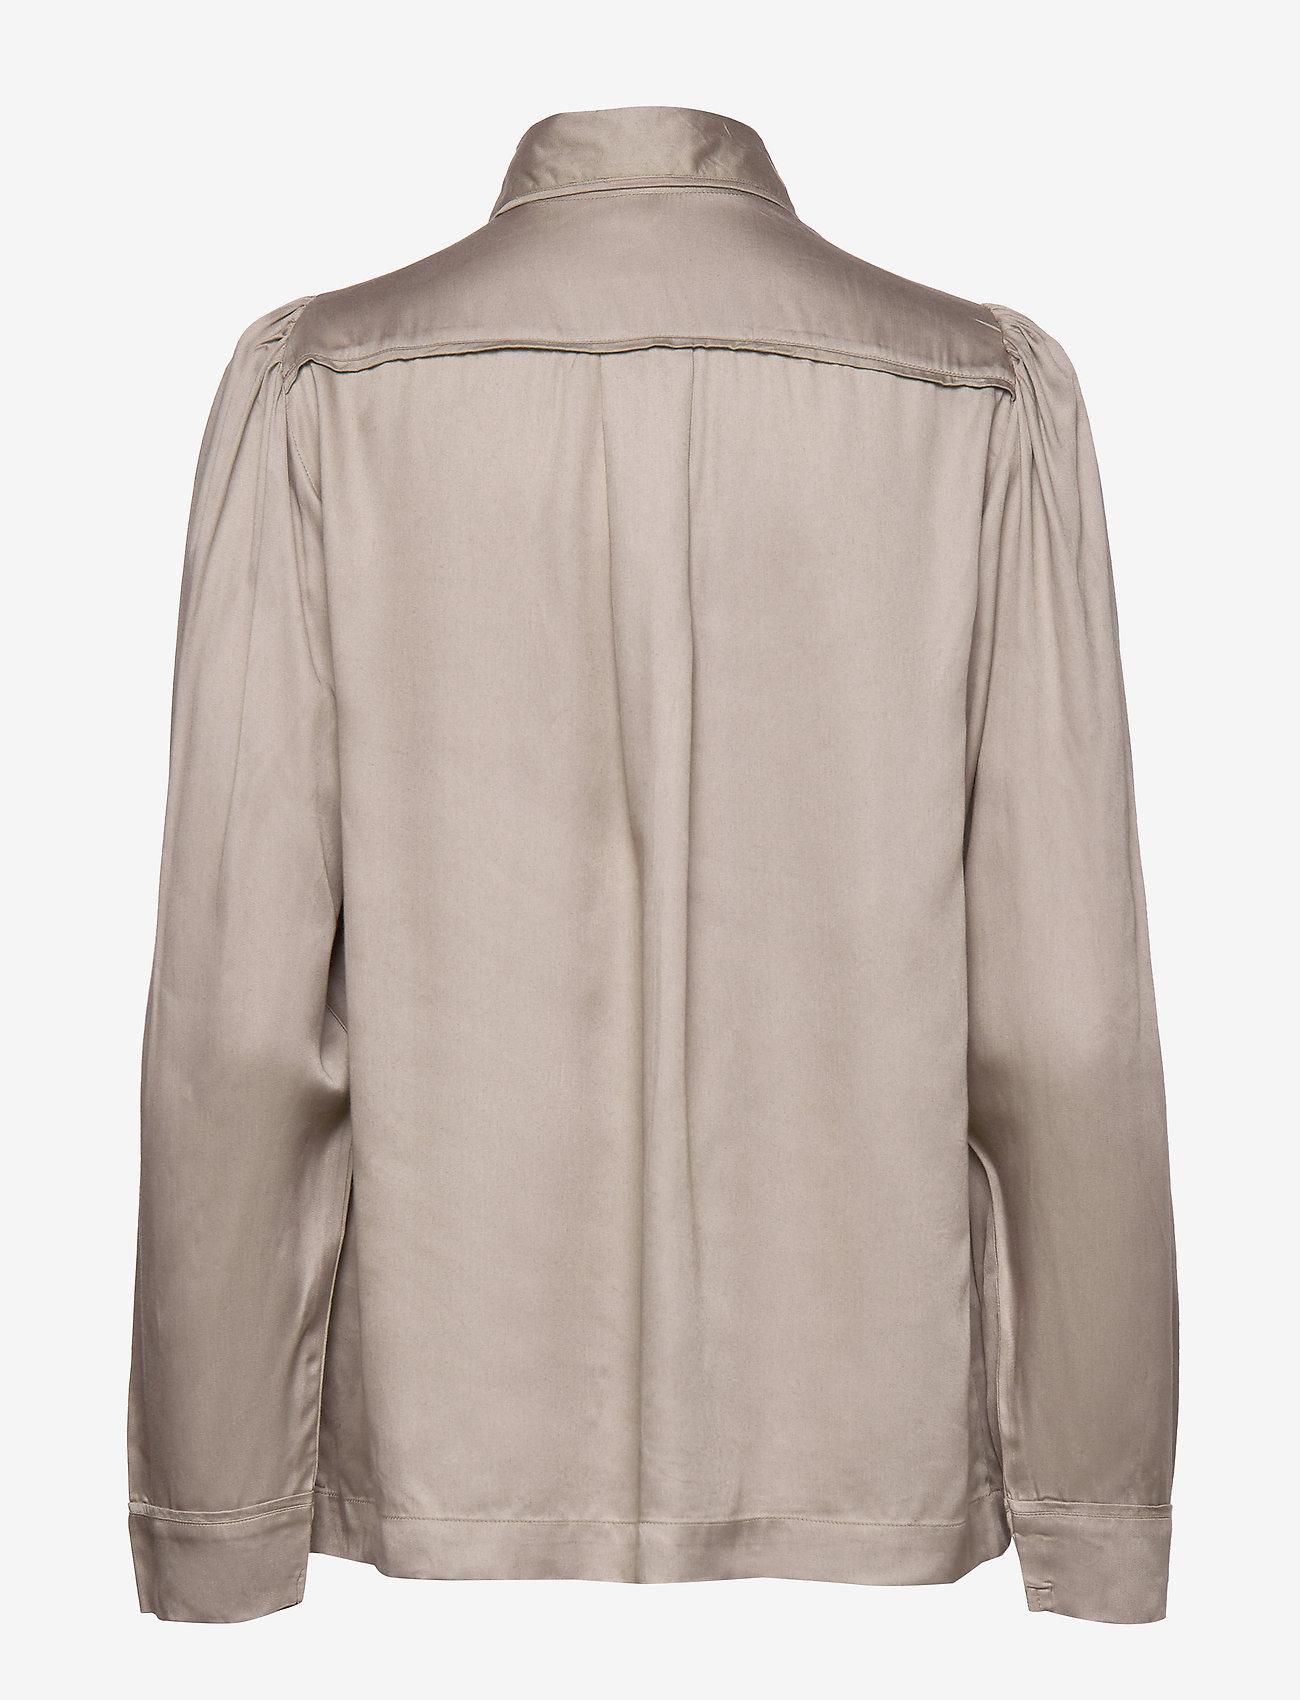 Underprotection - Rana shirt - Överdelar - grey - 1